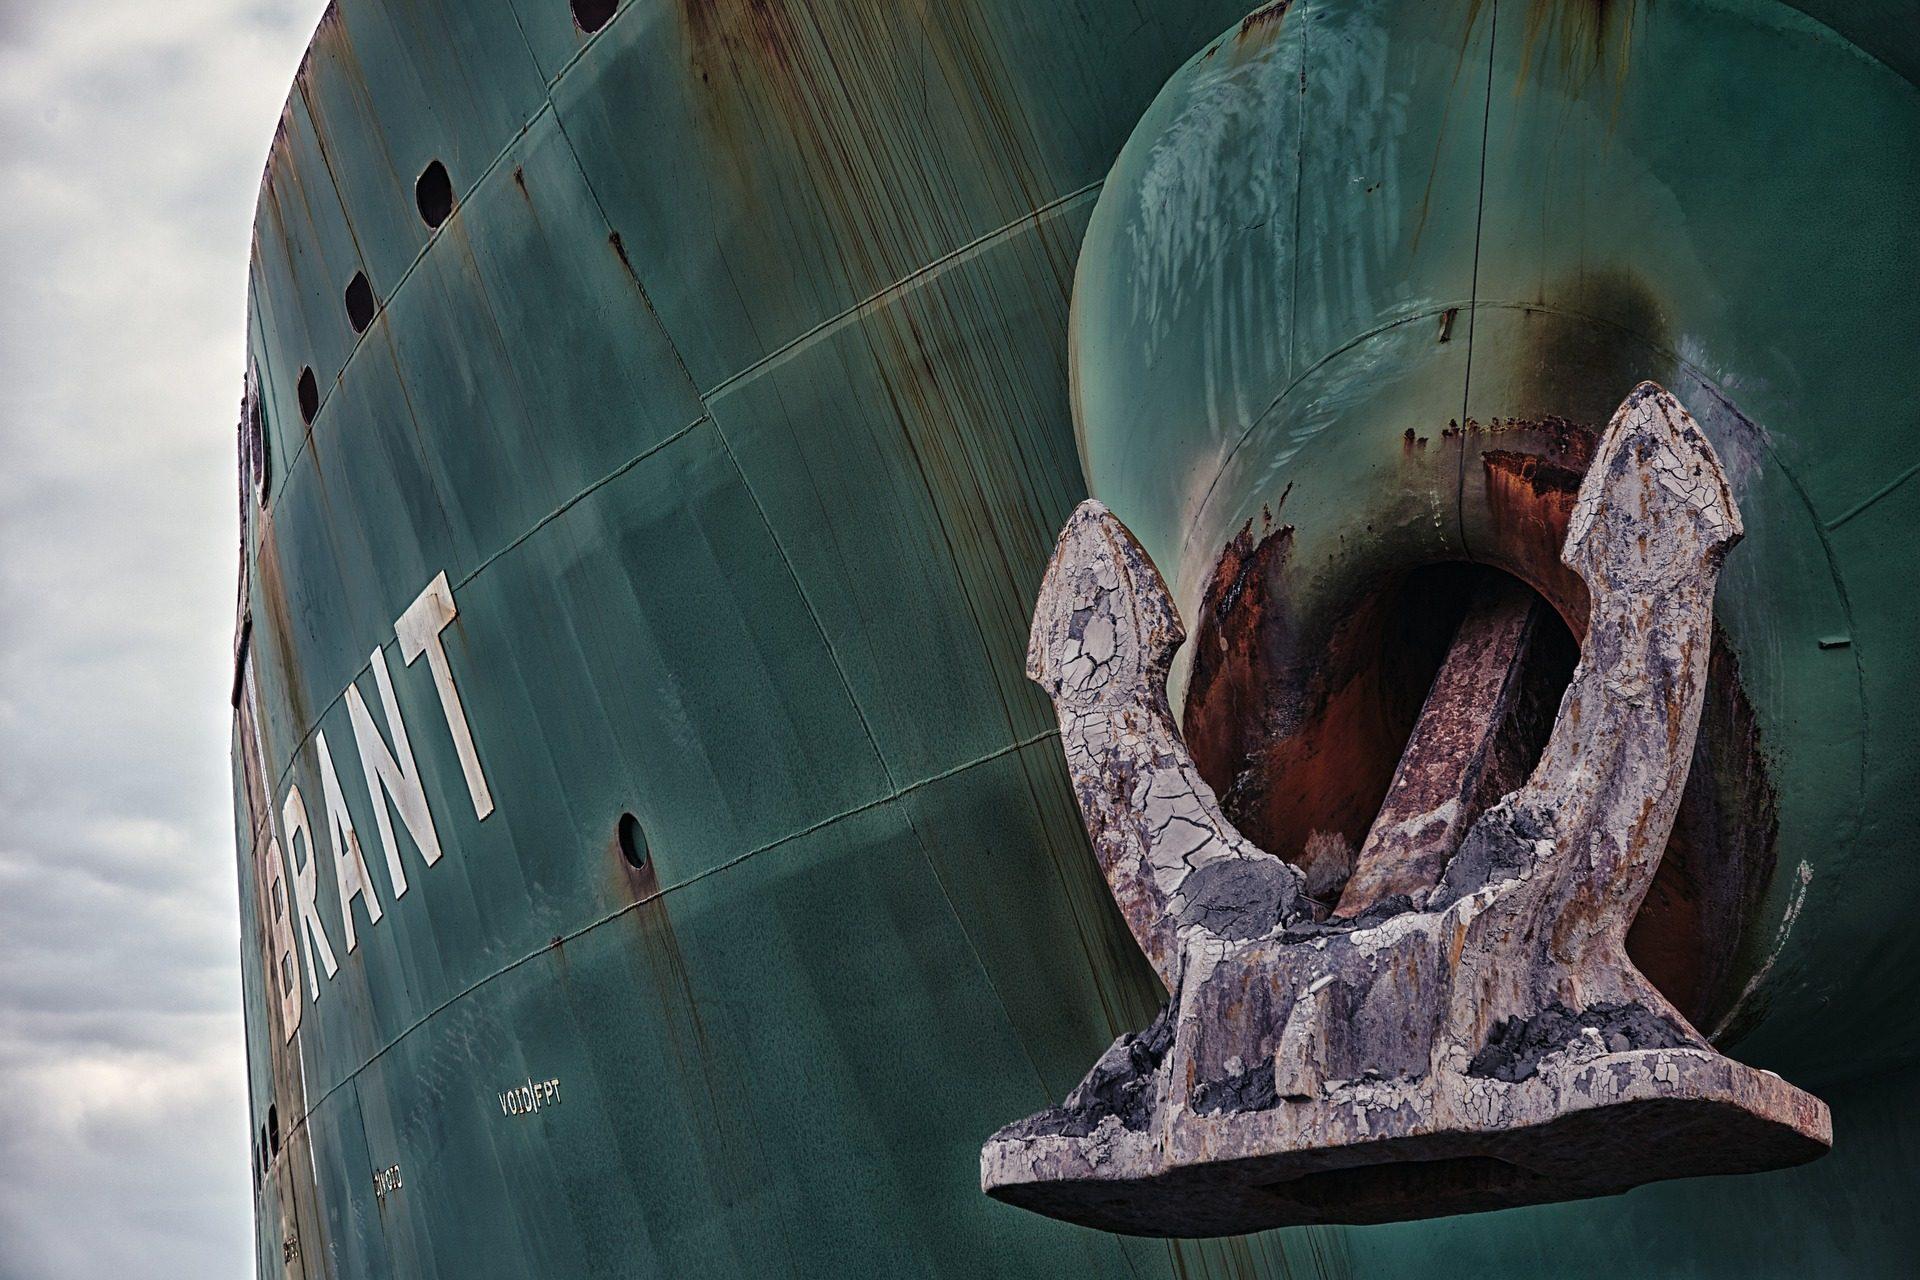 小船, 锚点, 氧化物, 金属, 钢 - 高清壁纸 - 教授-falken.com